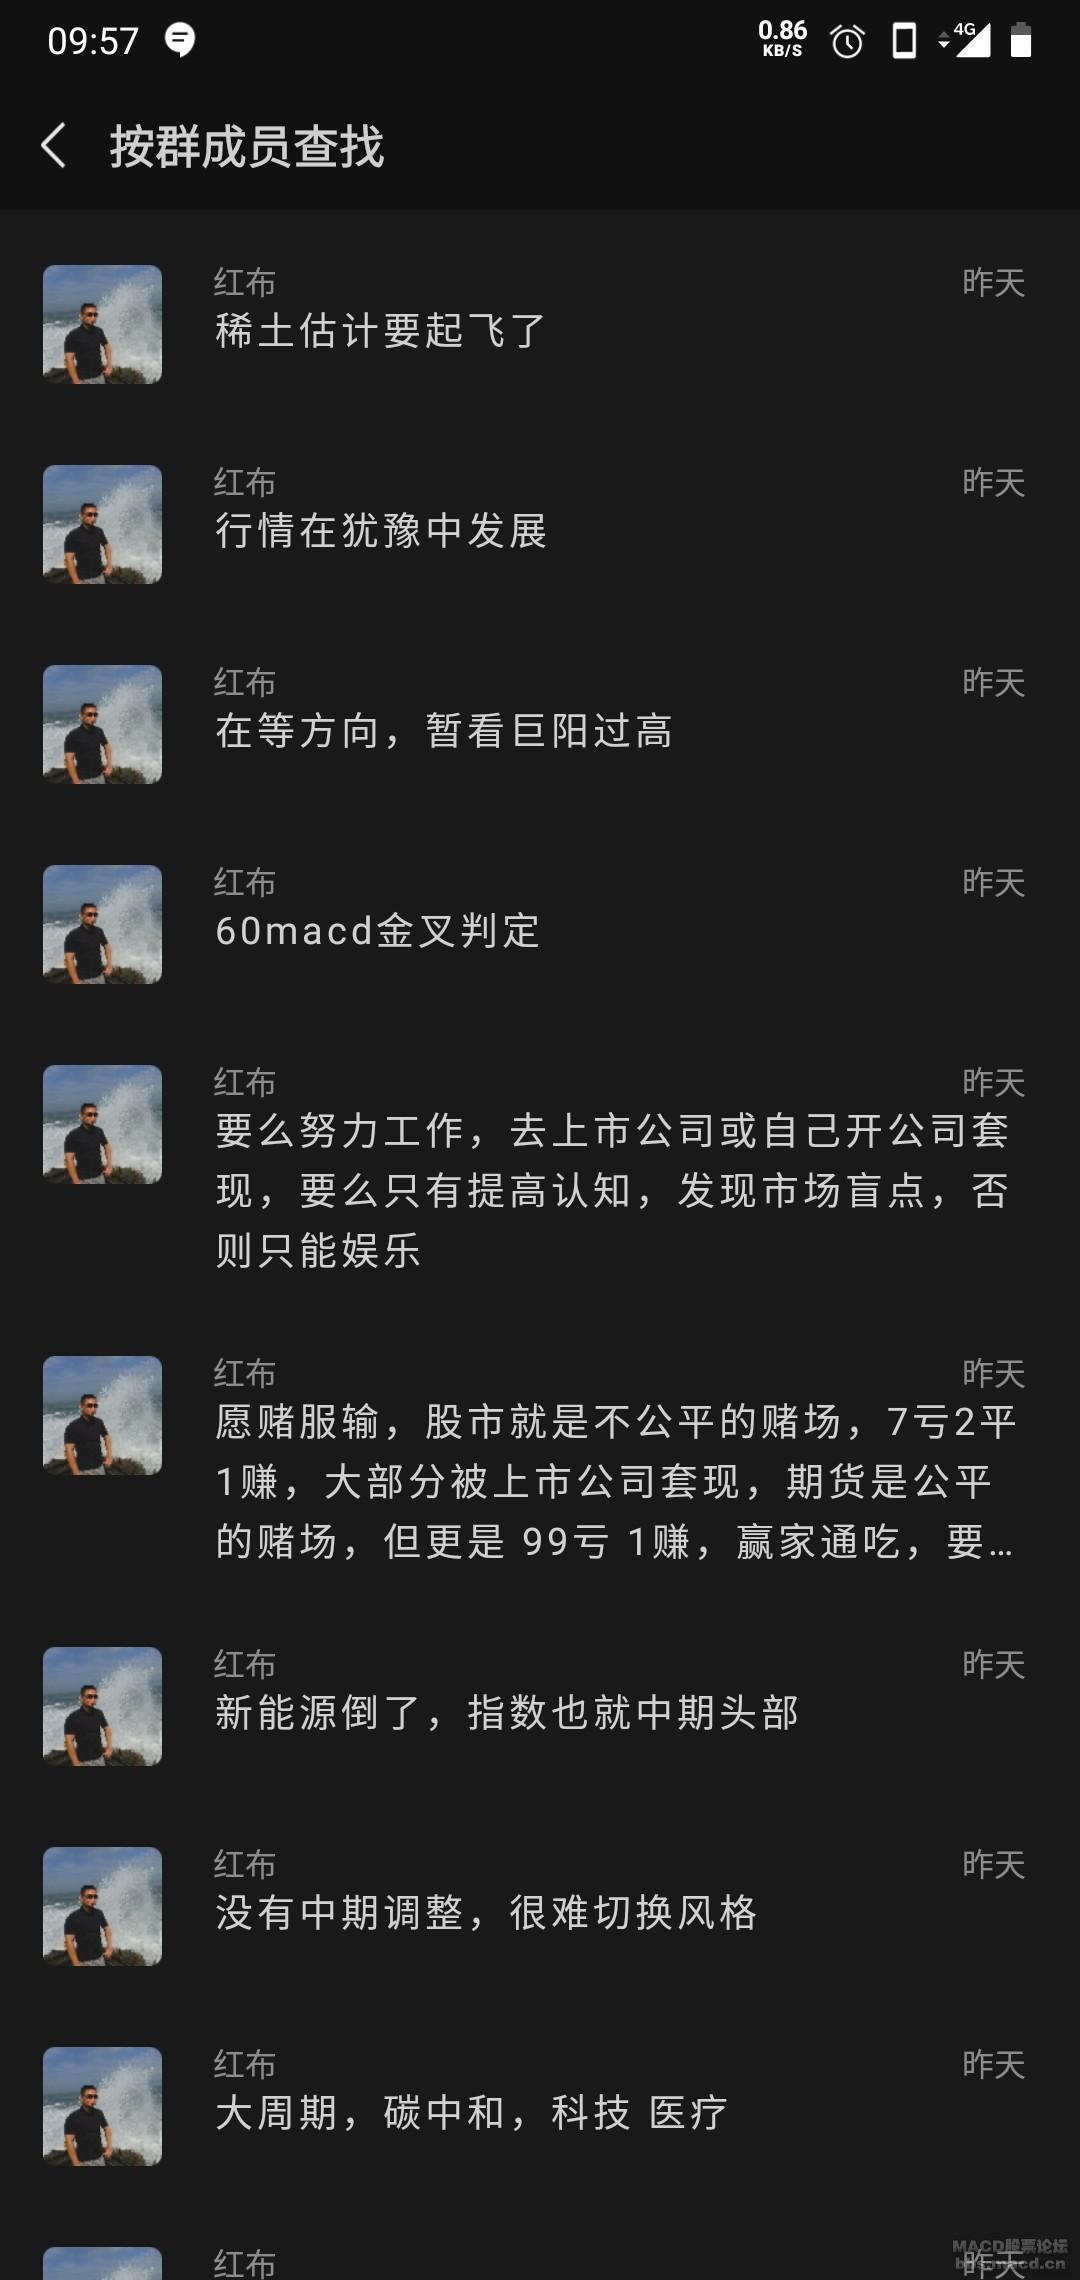 Screenshot_20210121-095729.jpg